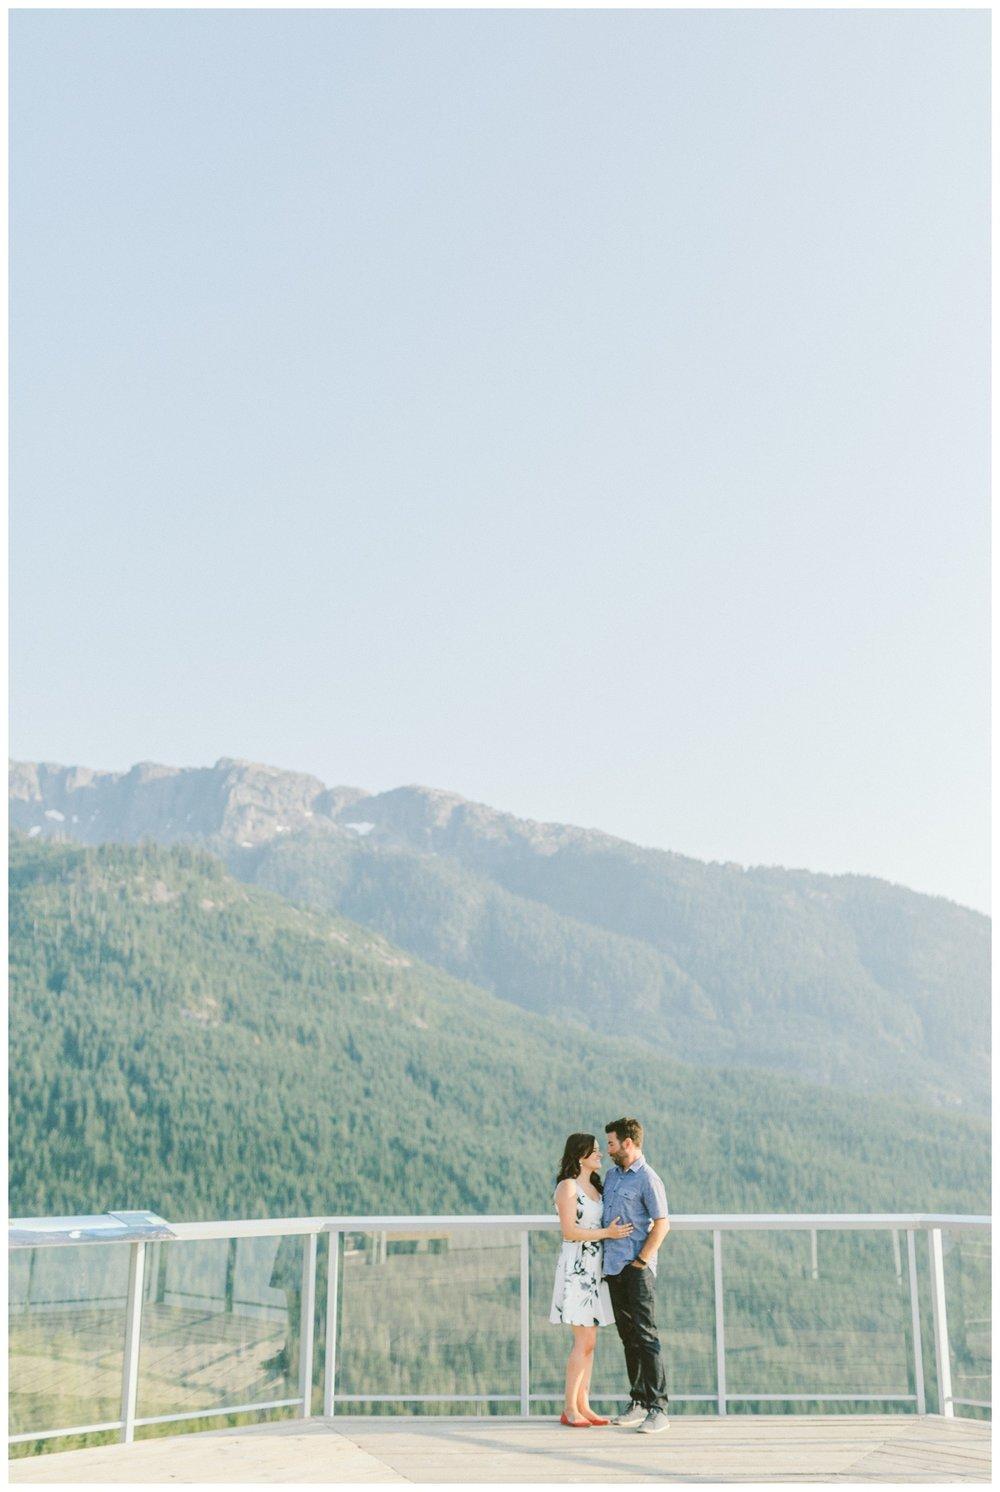 Mattie C. Hong Kong Vancouver Fine Art Wedding Prewedding Photographer 19.jpg